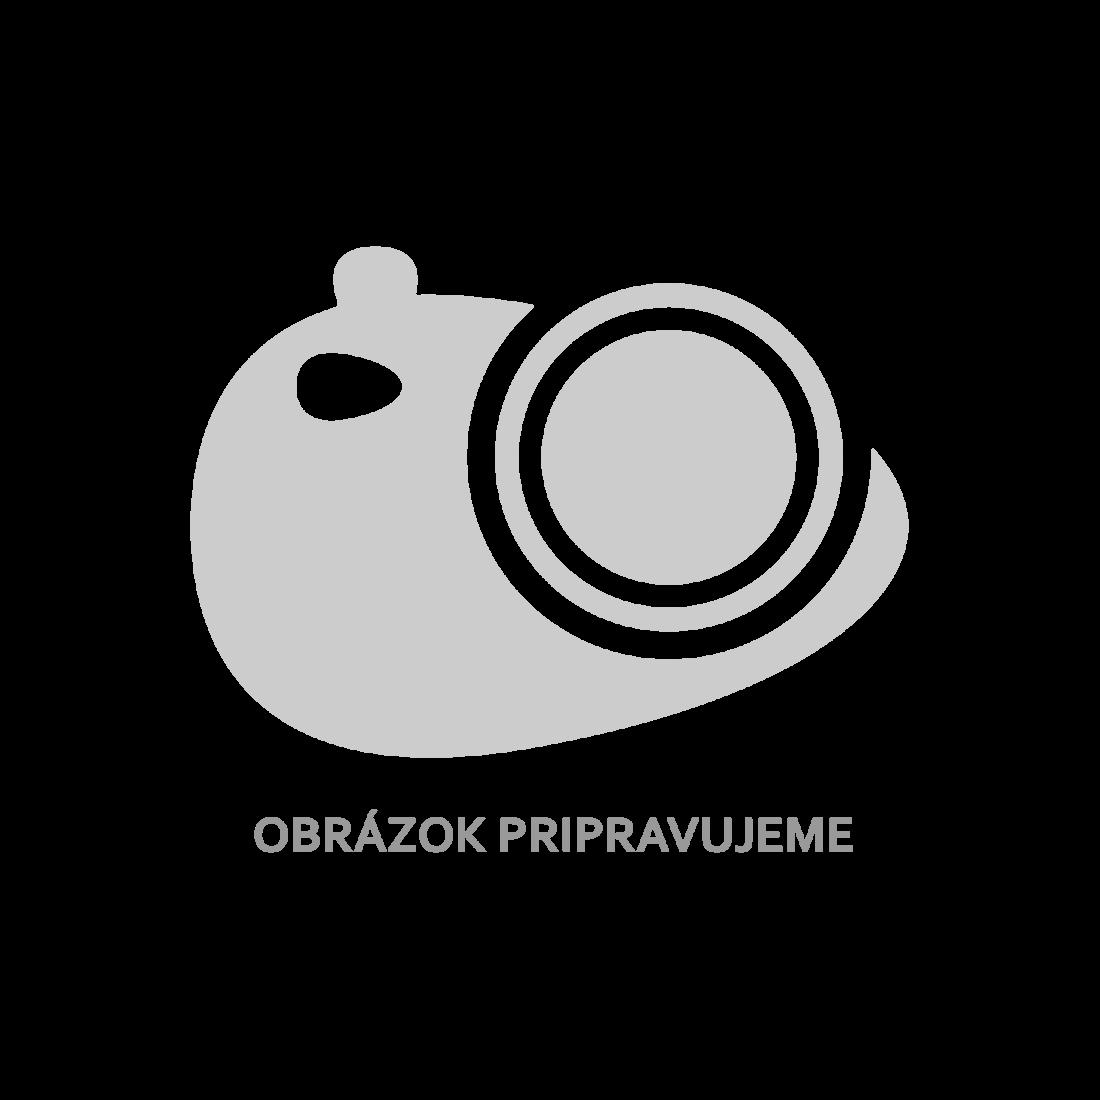 vidaXL Skládací nohy ke stolu stříbrné 45x55x112 cm pozinkovaná ocel [288464]